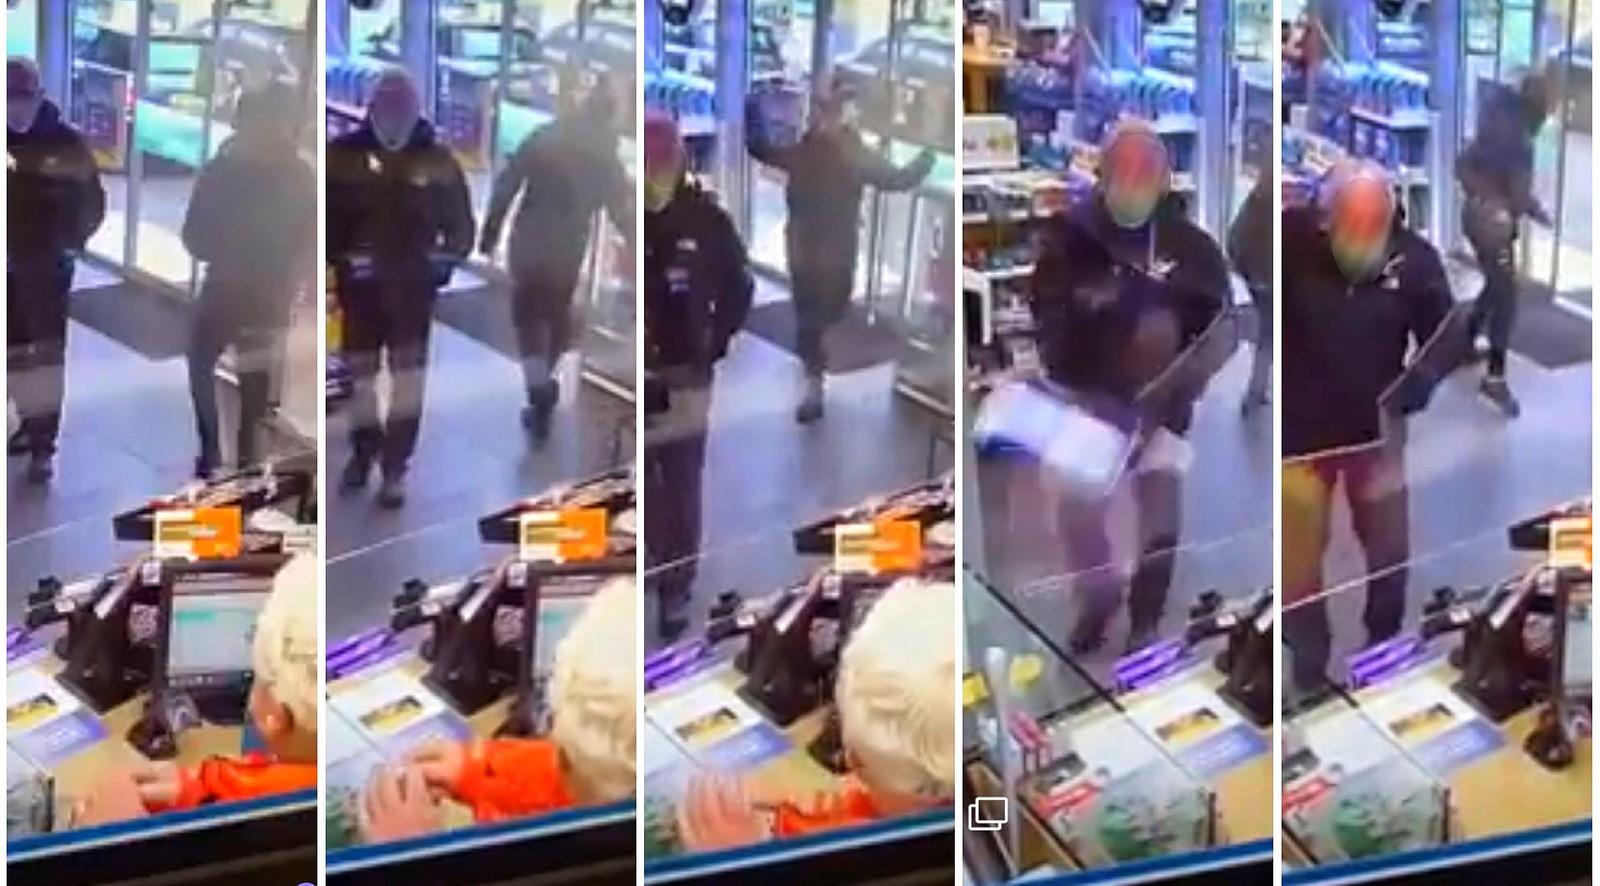 Van links naar rechts: de man loopt weg van de balie, pakt een frisdrankblikje en slingert het vlak langs het hoofd van een klant richting coronascherm bij de kassa.